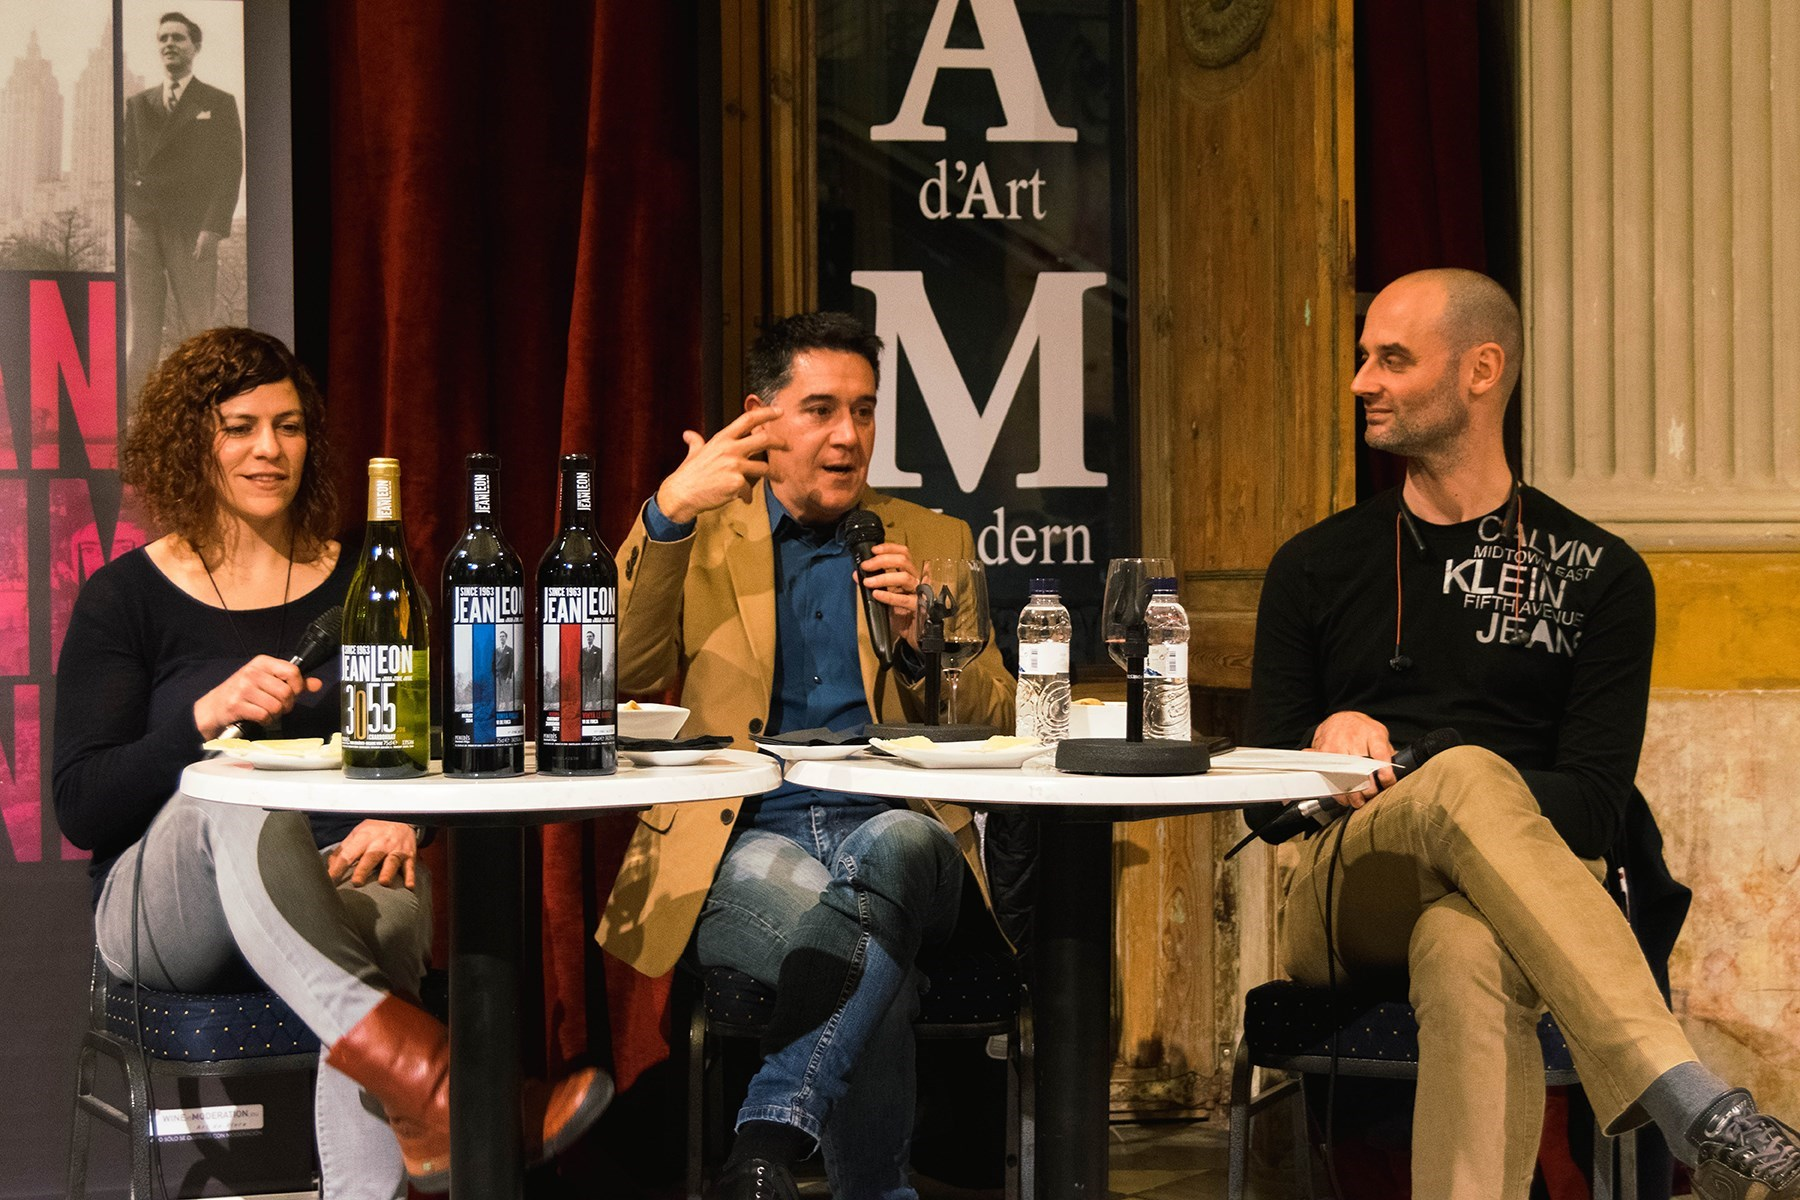 #VisàVisTR3SC amb Martí Gironell, vins Jean Leon i embotits de la Cooperativa Plana de Vic